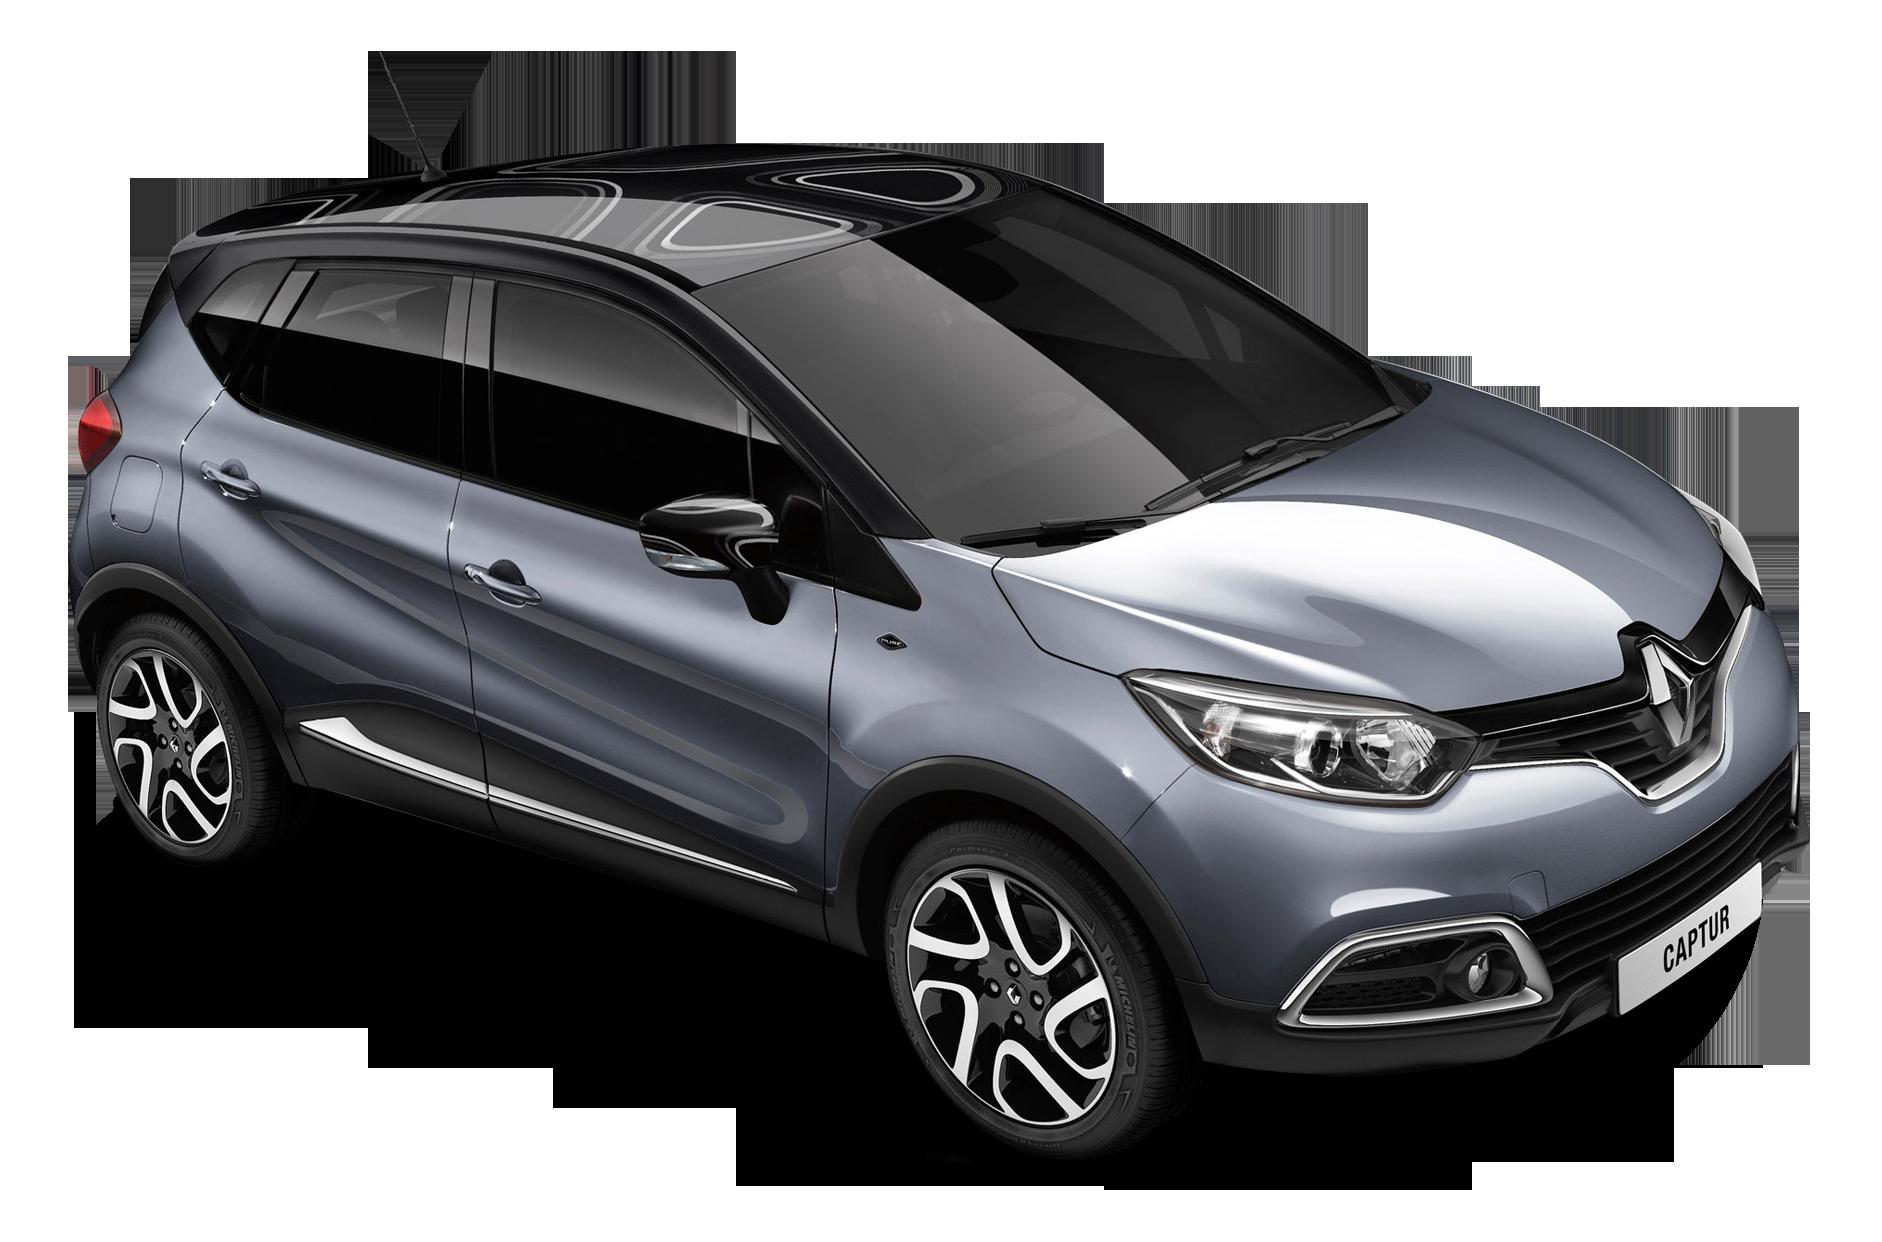 Renault captur 1.5 dci 90cv energy zen cross over 5p